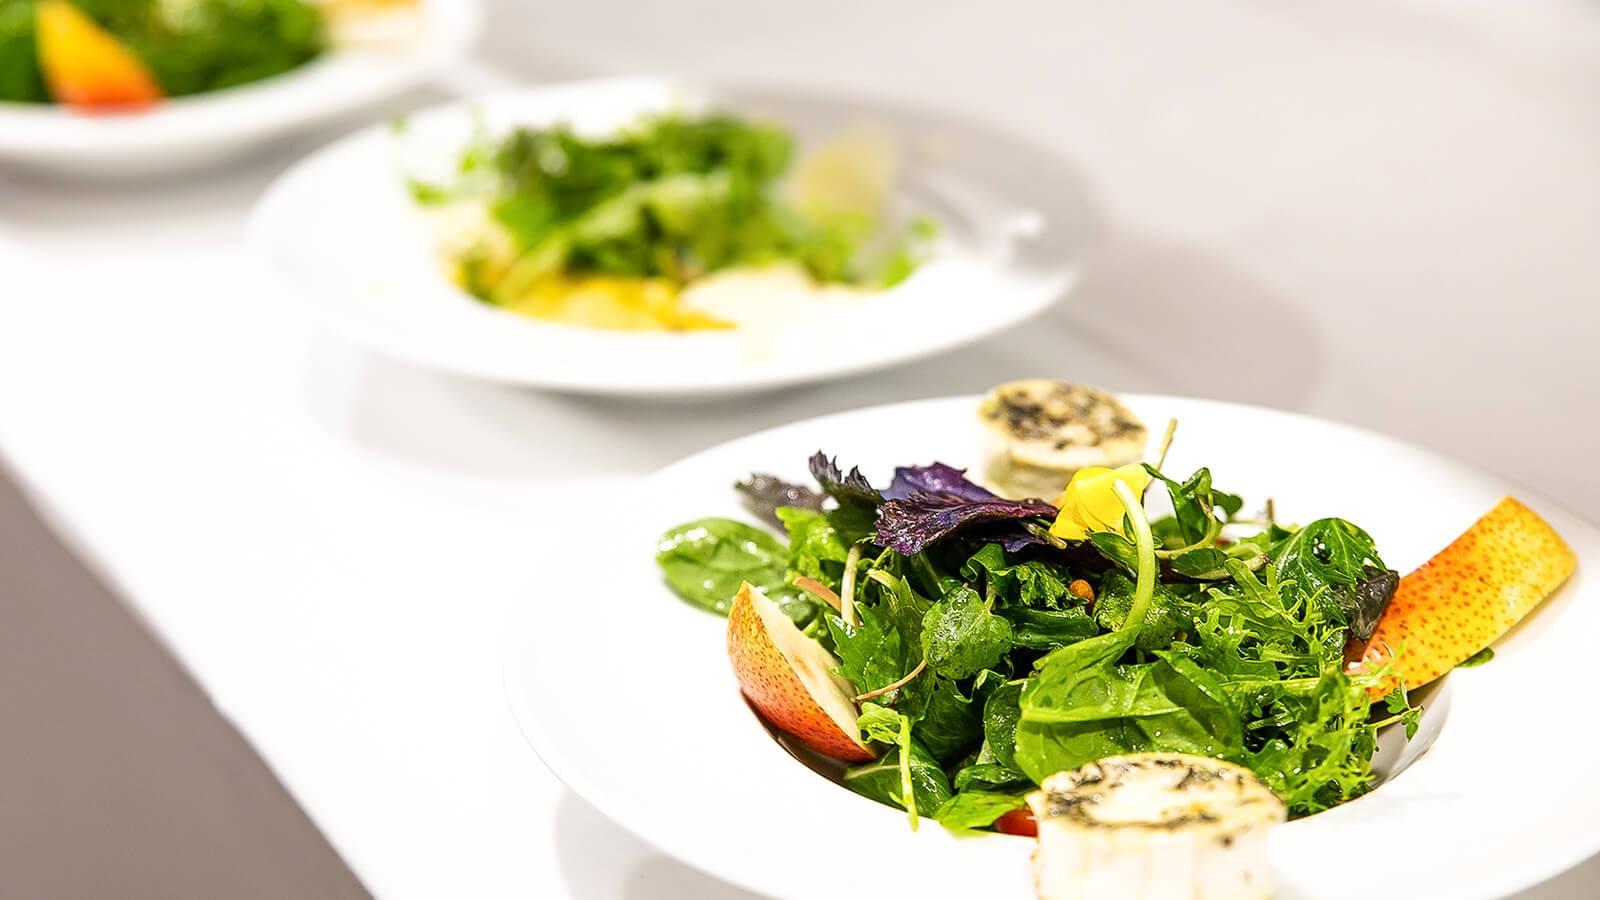 Salat Variation 2